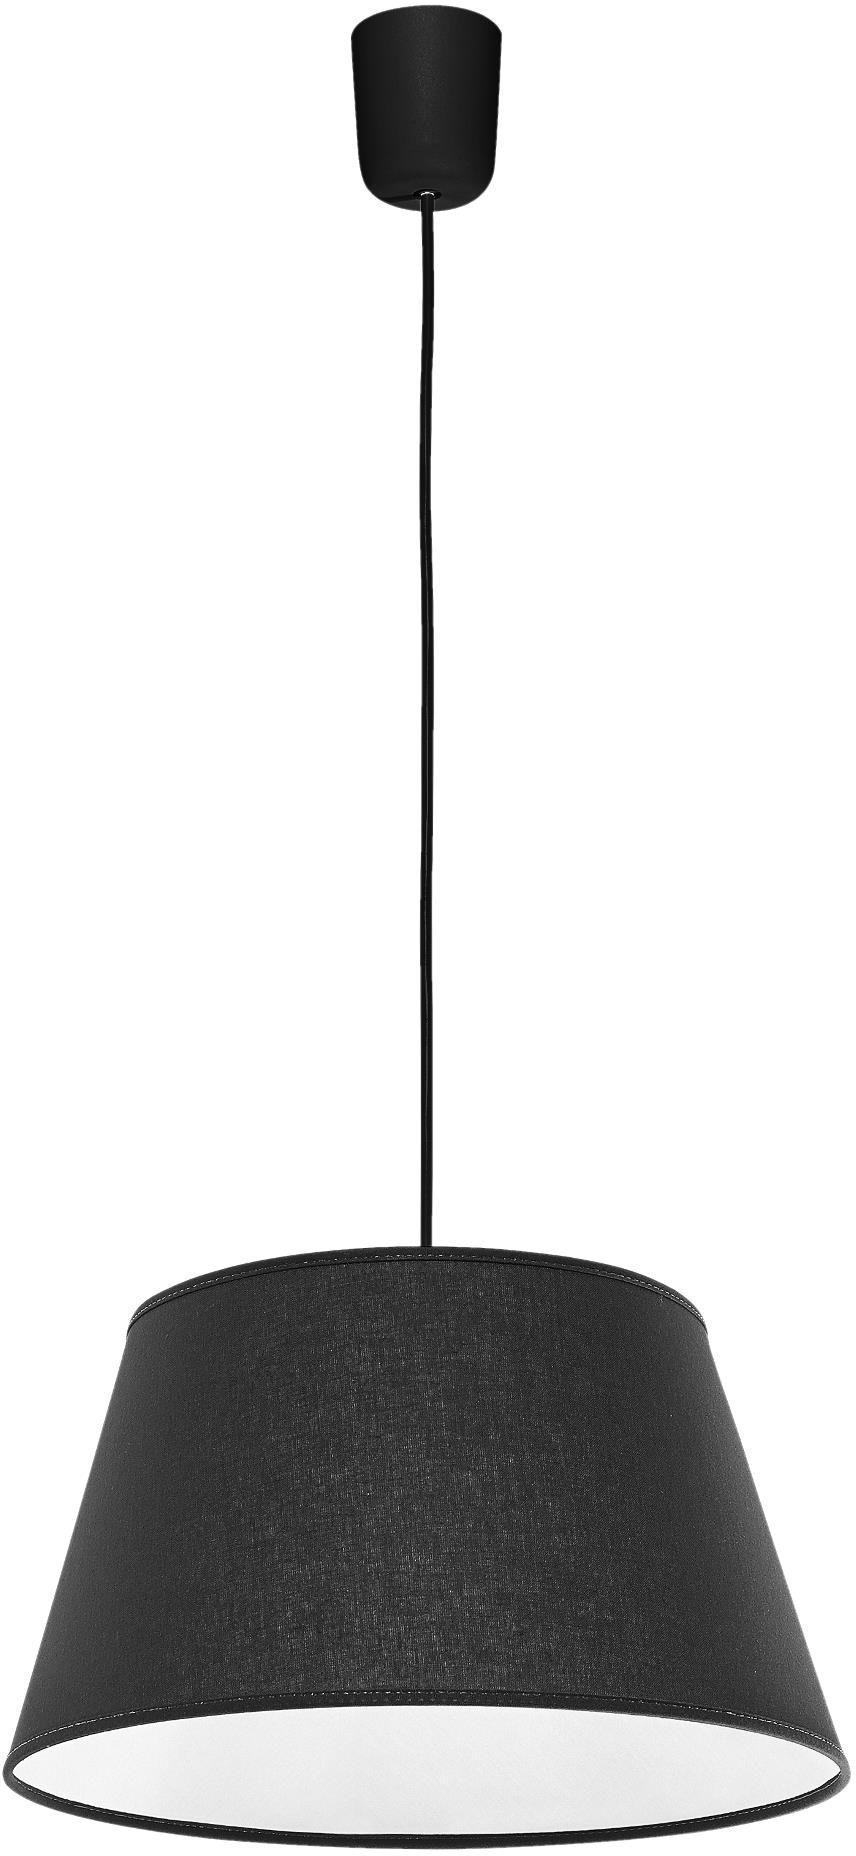 Lampex Kegle 410/GRA Lampa wisząca nowoczesna z trapezowatym abażurem 1x60W E27 35cm